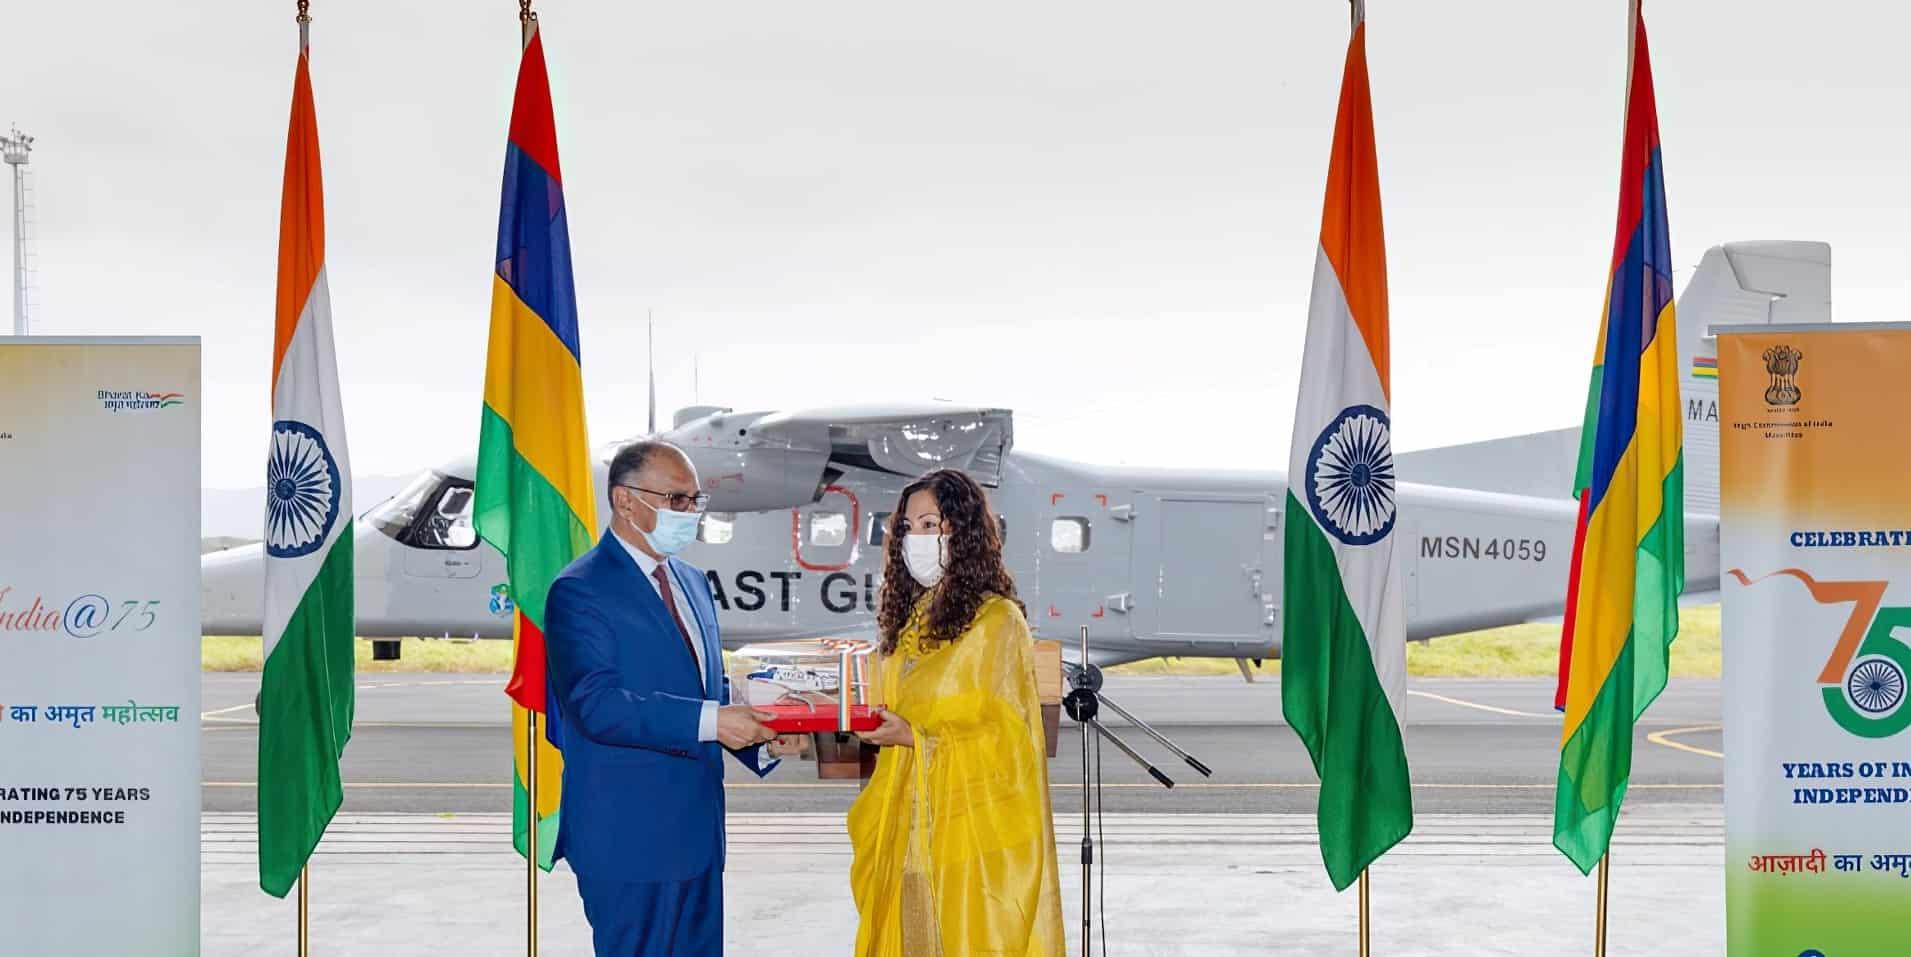 Церемонія передачі літака. Вересень 2021. Фото: ВМС Індії